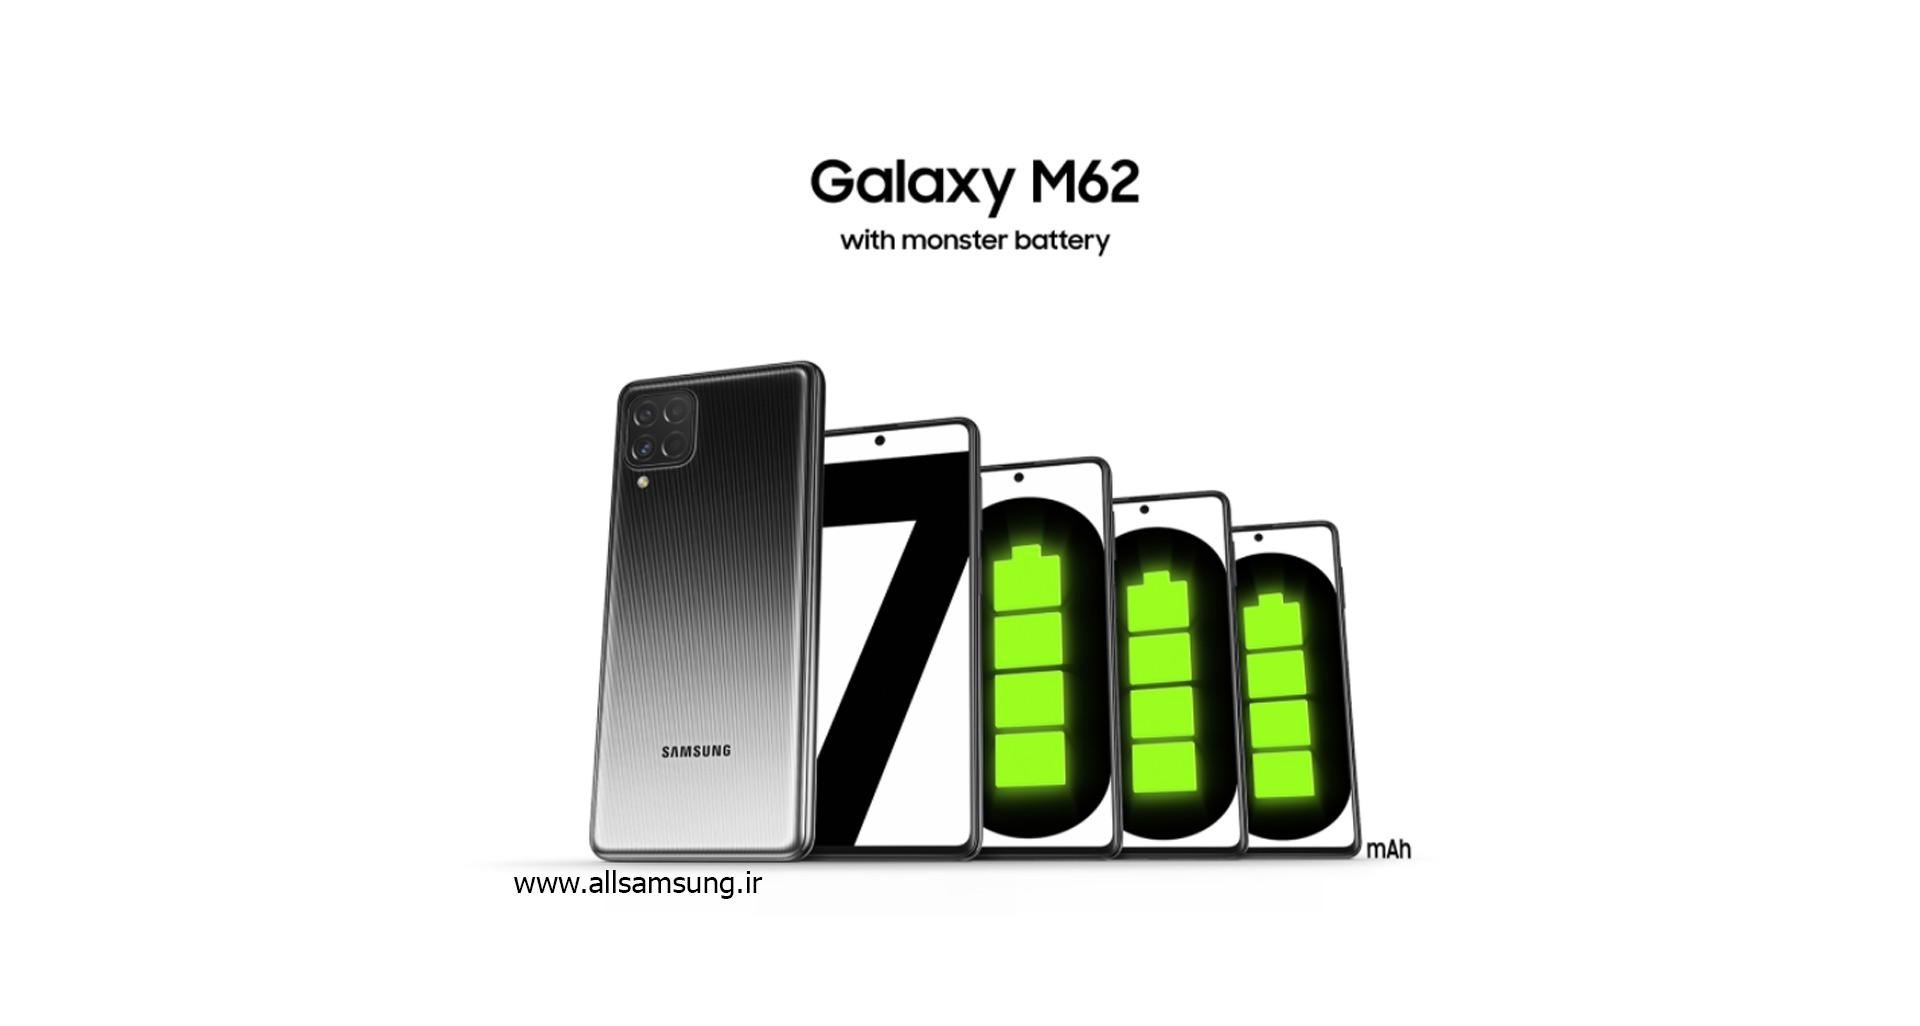 مشخصات گوشی m62